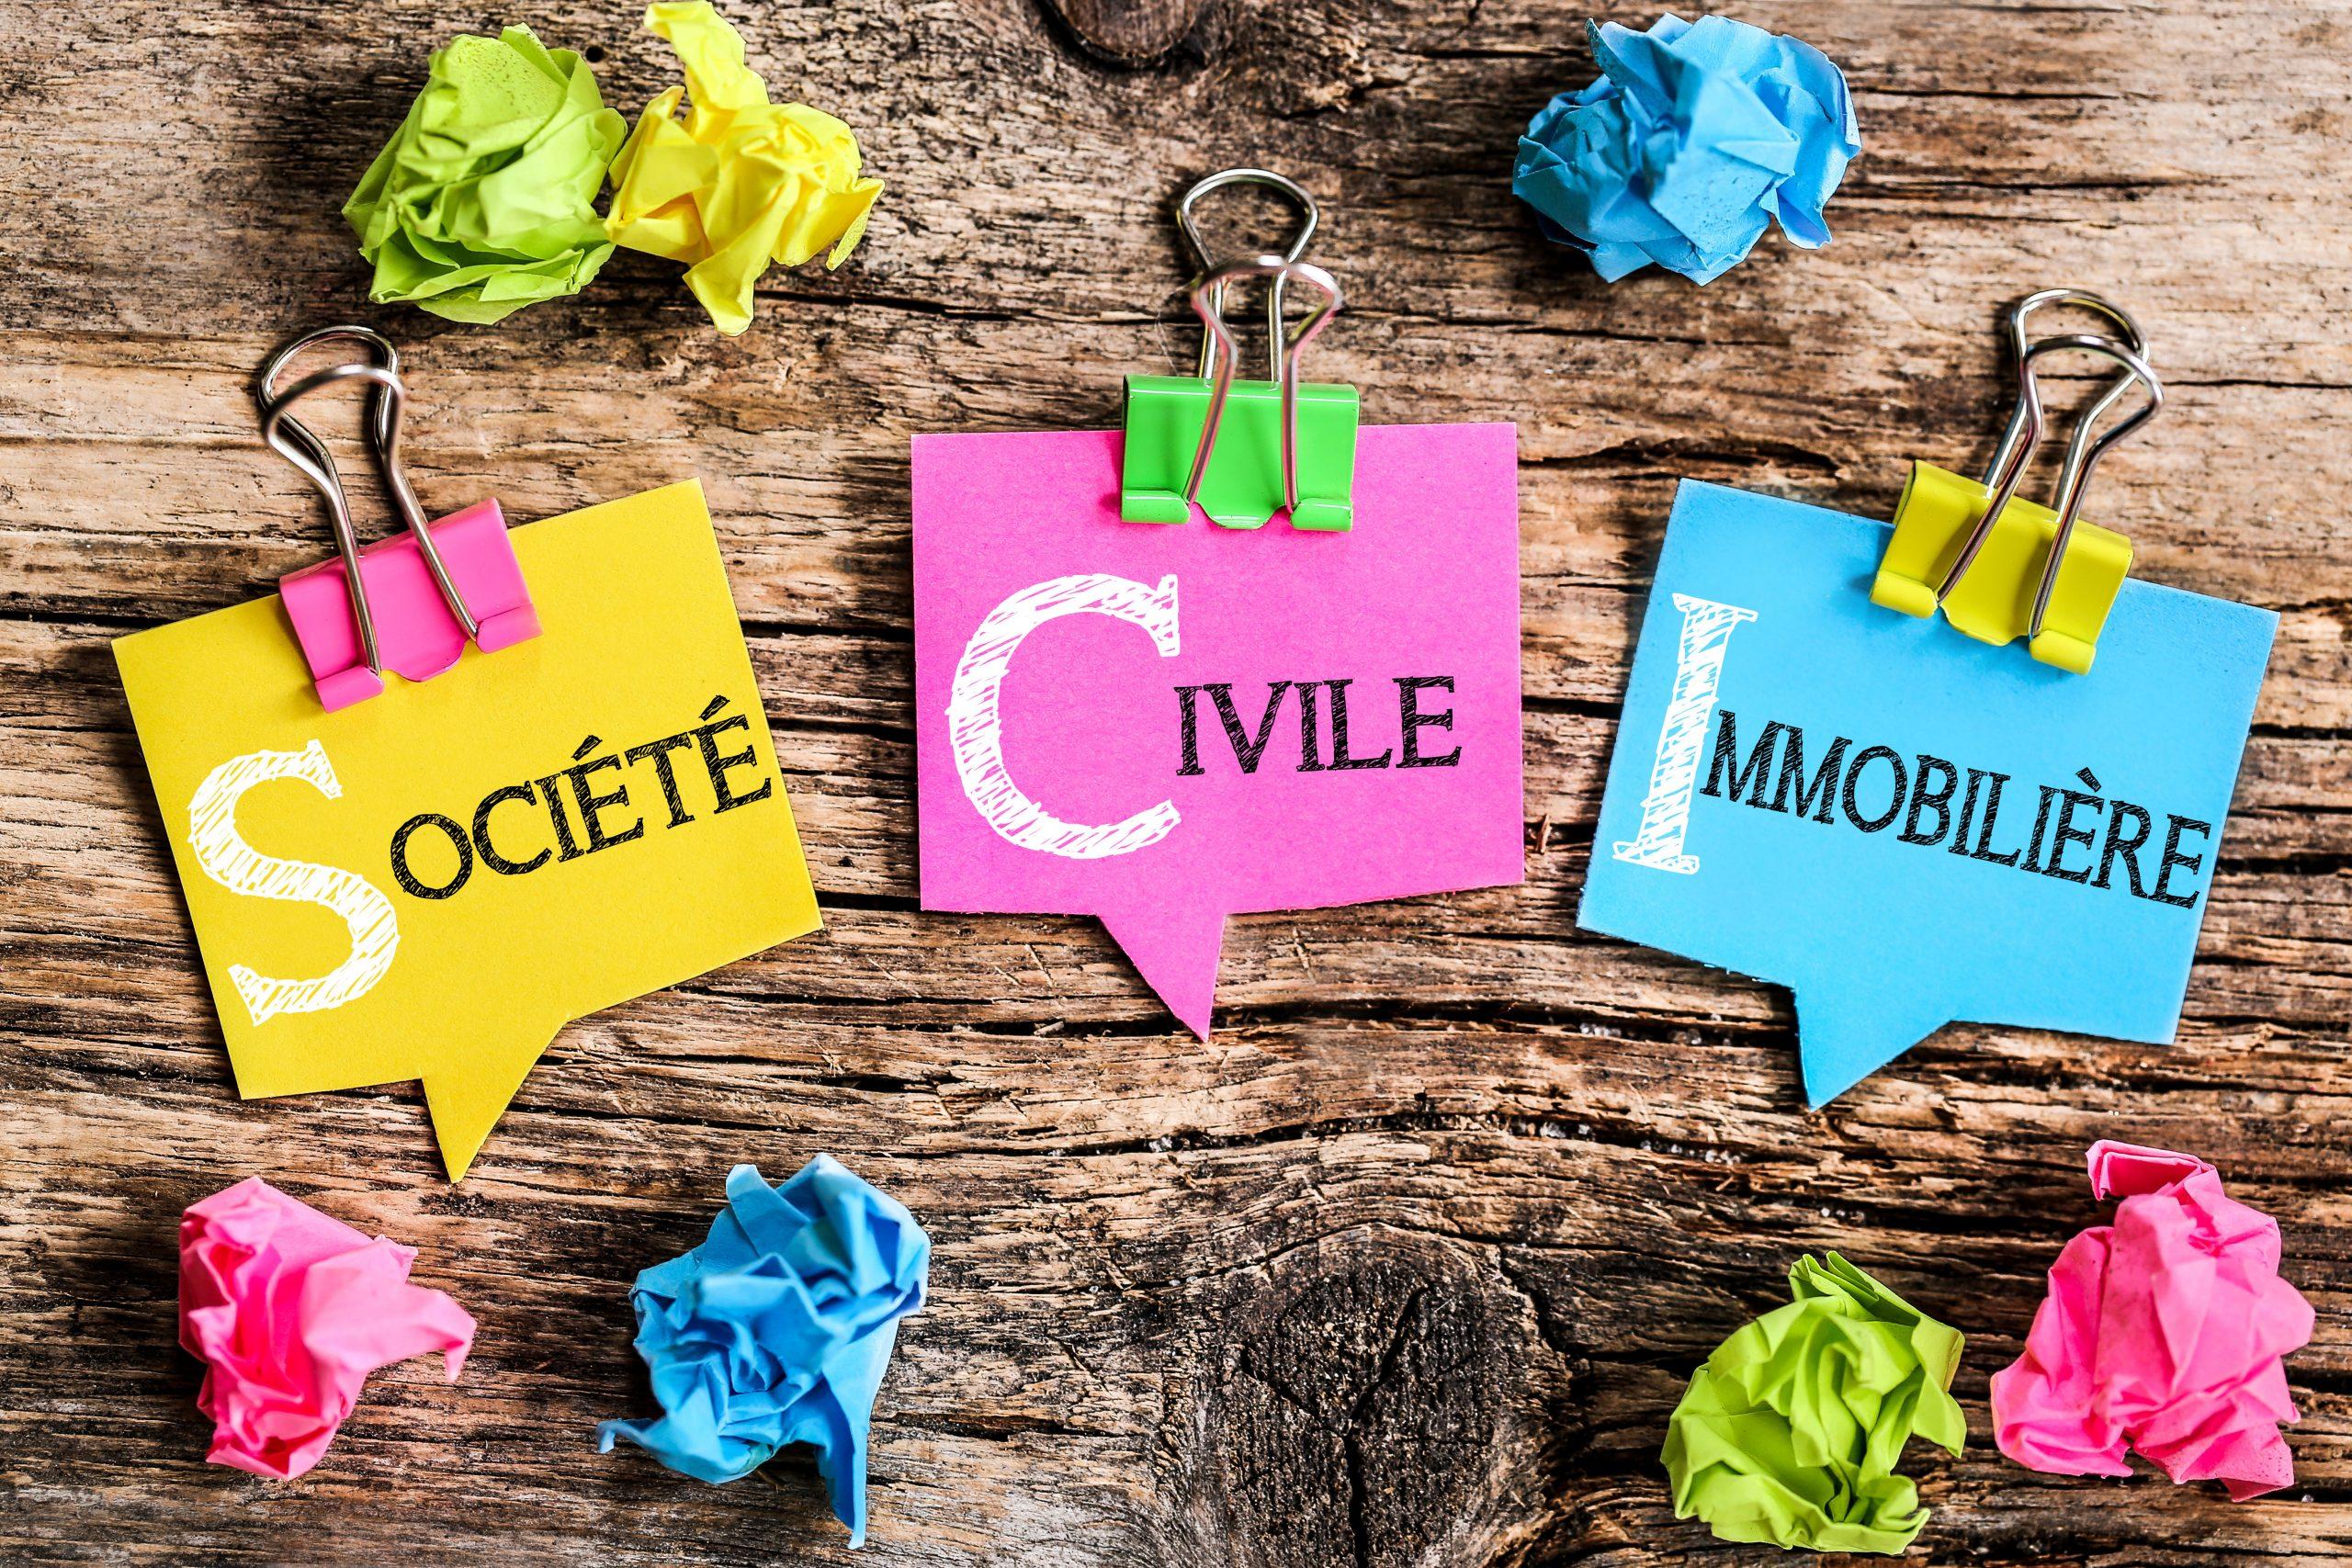 La Société Civile Immobilière (SCI)